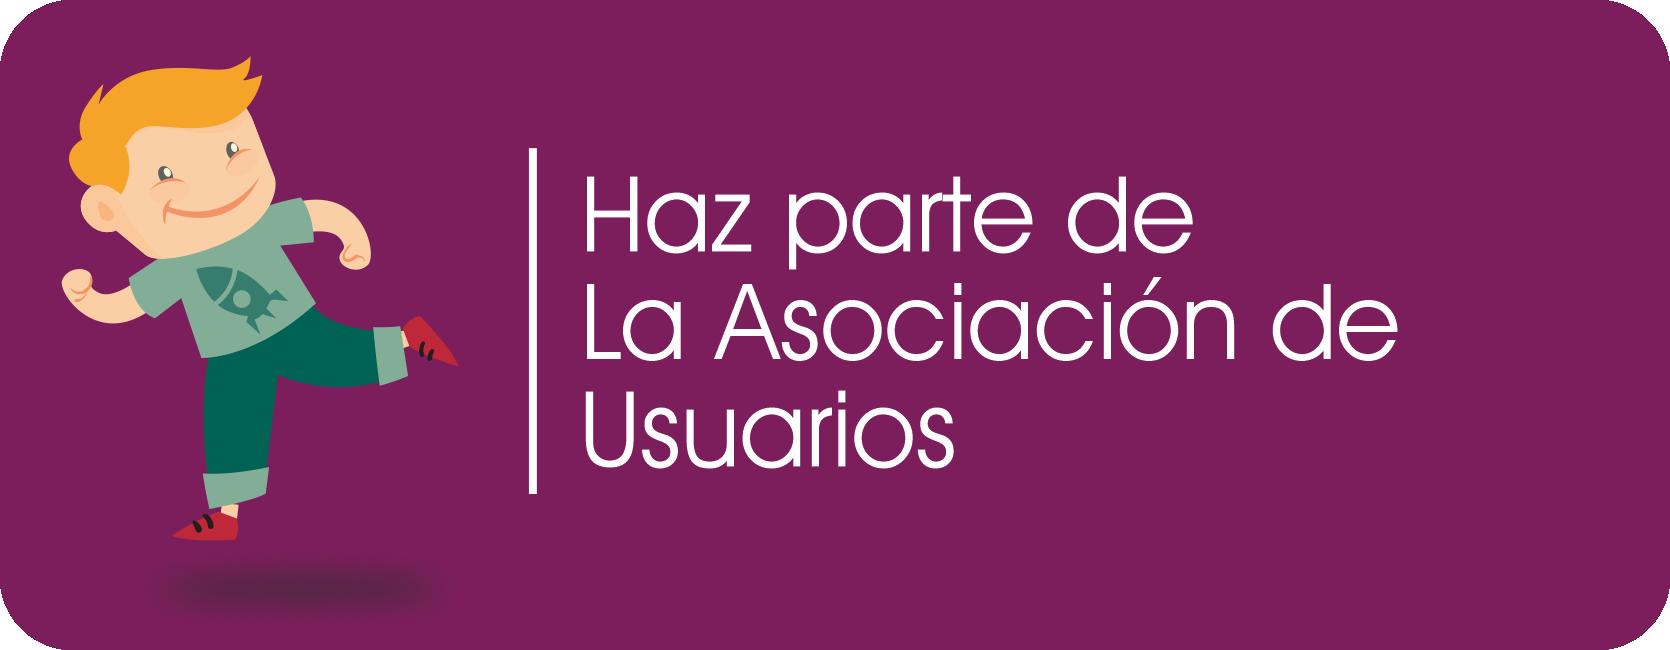 Banner asociación de usuarios